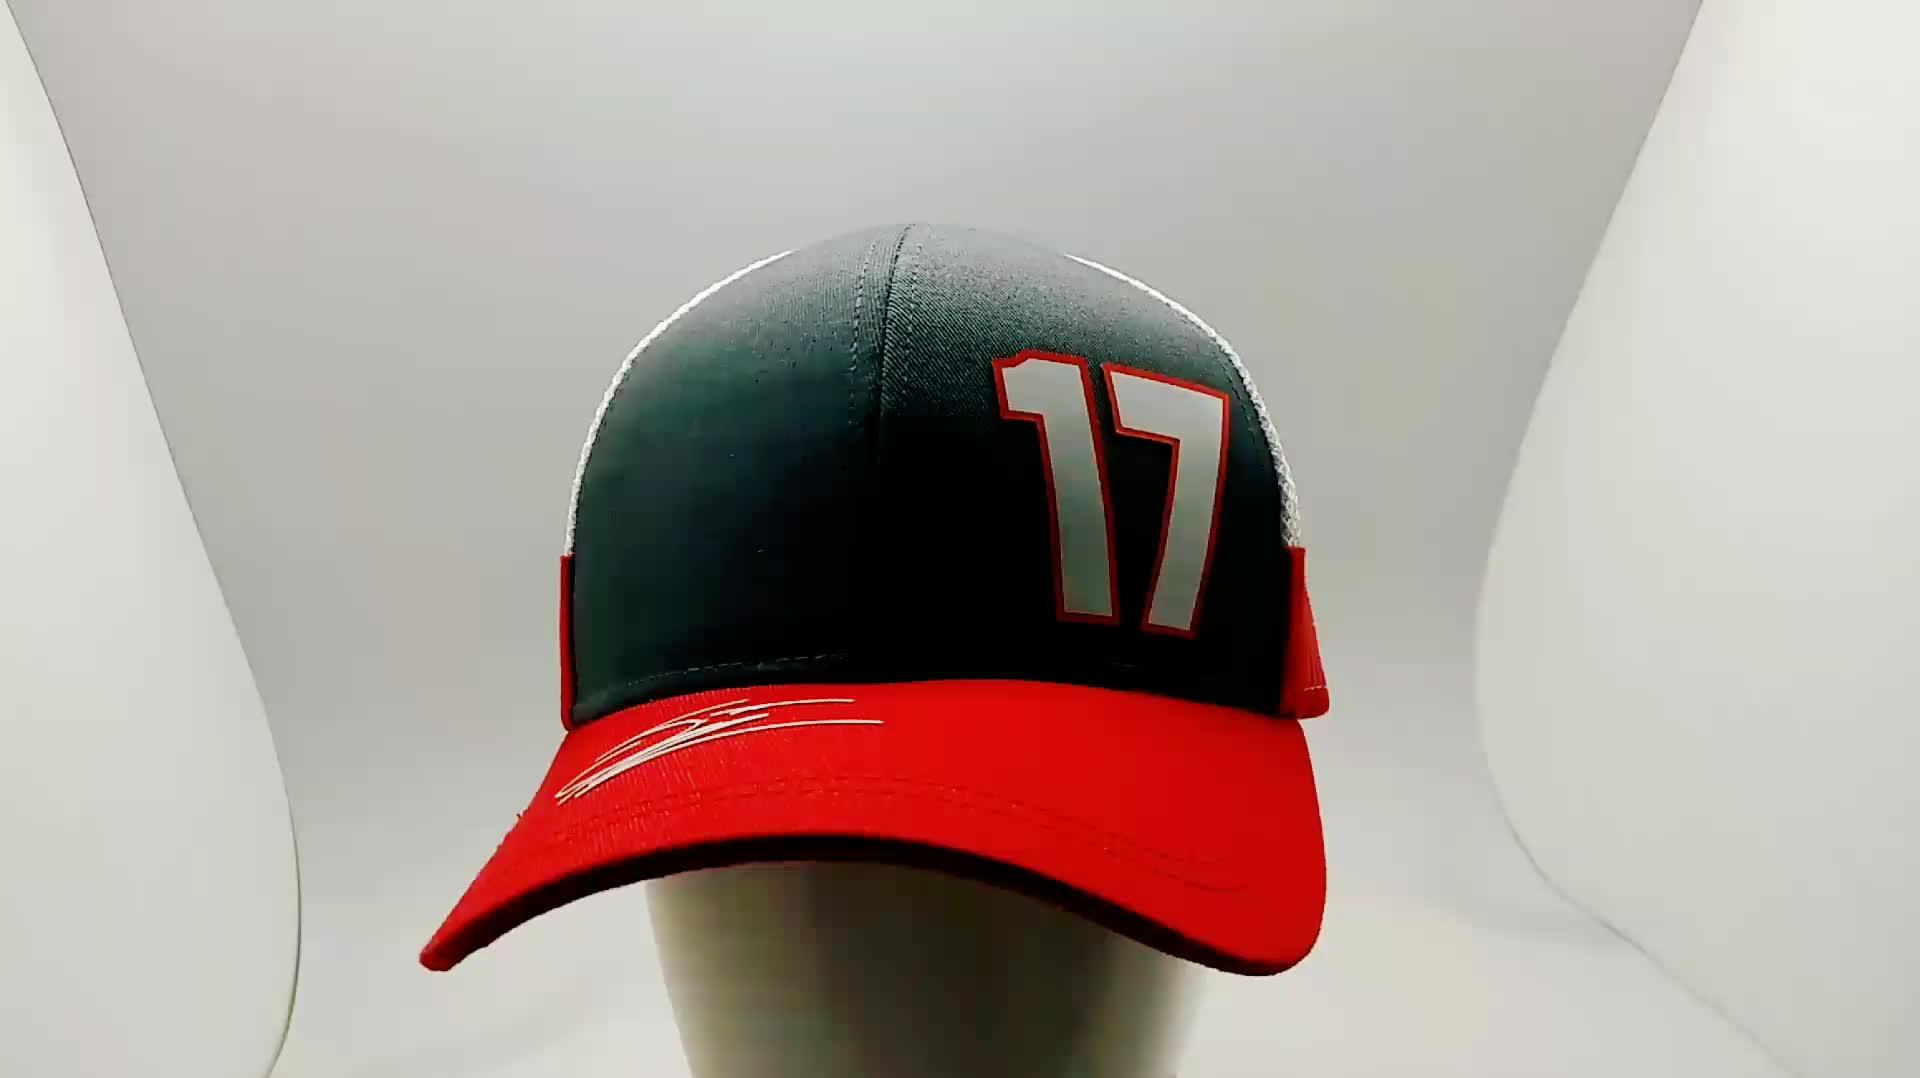 ファッションスポーツ野球キャップ高密度プリントロゴ野球キャップ